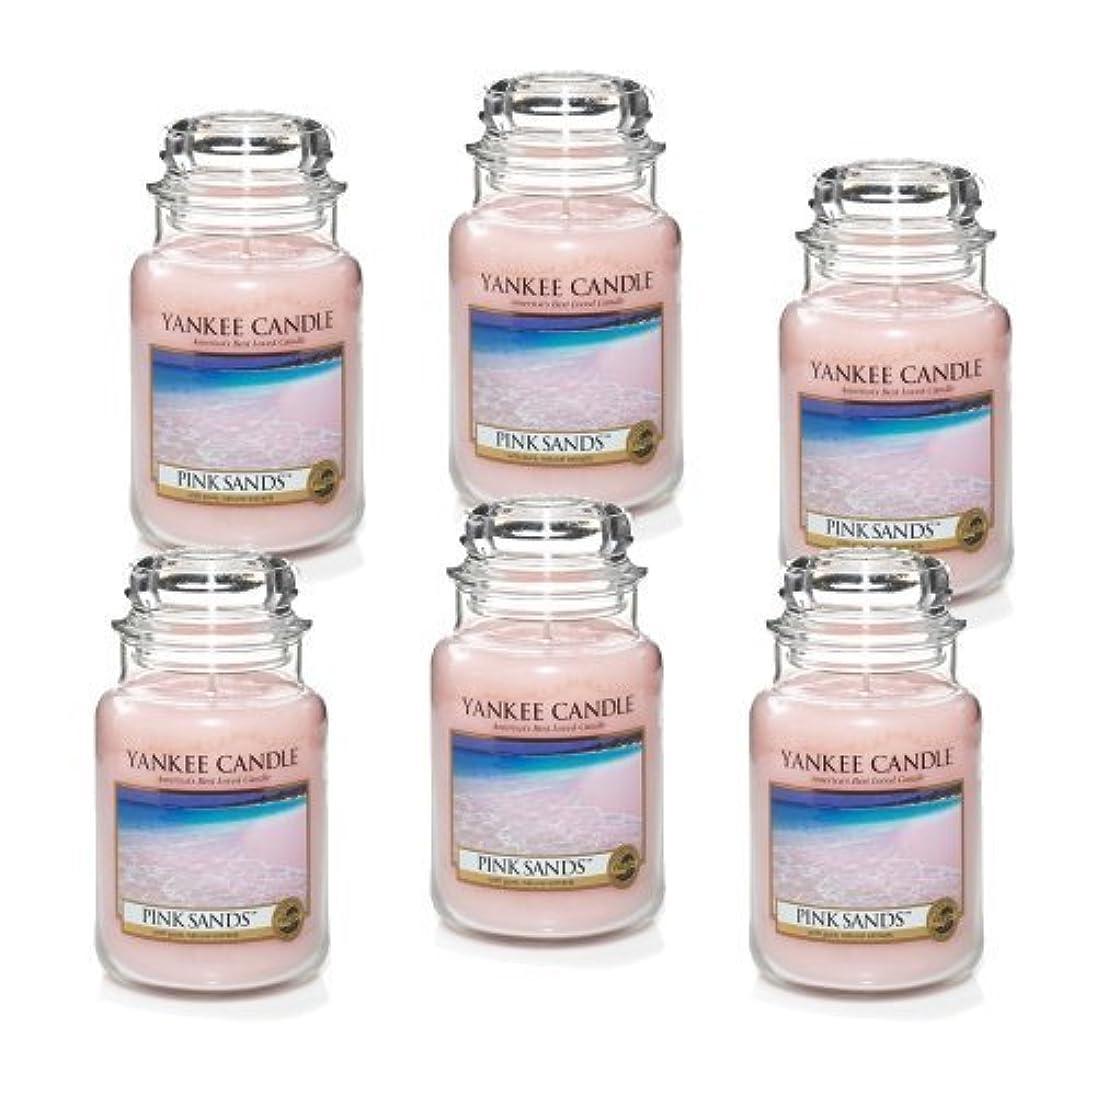 の配列アナウンサー虚弱Yankee Candle Company 22-Ounce Pink Sands Jar Candle, Large, Set of 6 by Amazon source [並行輸入品]